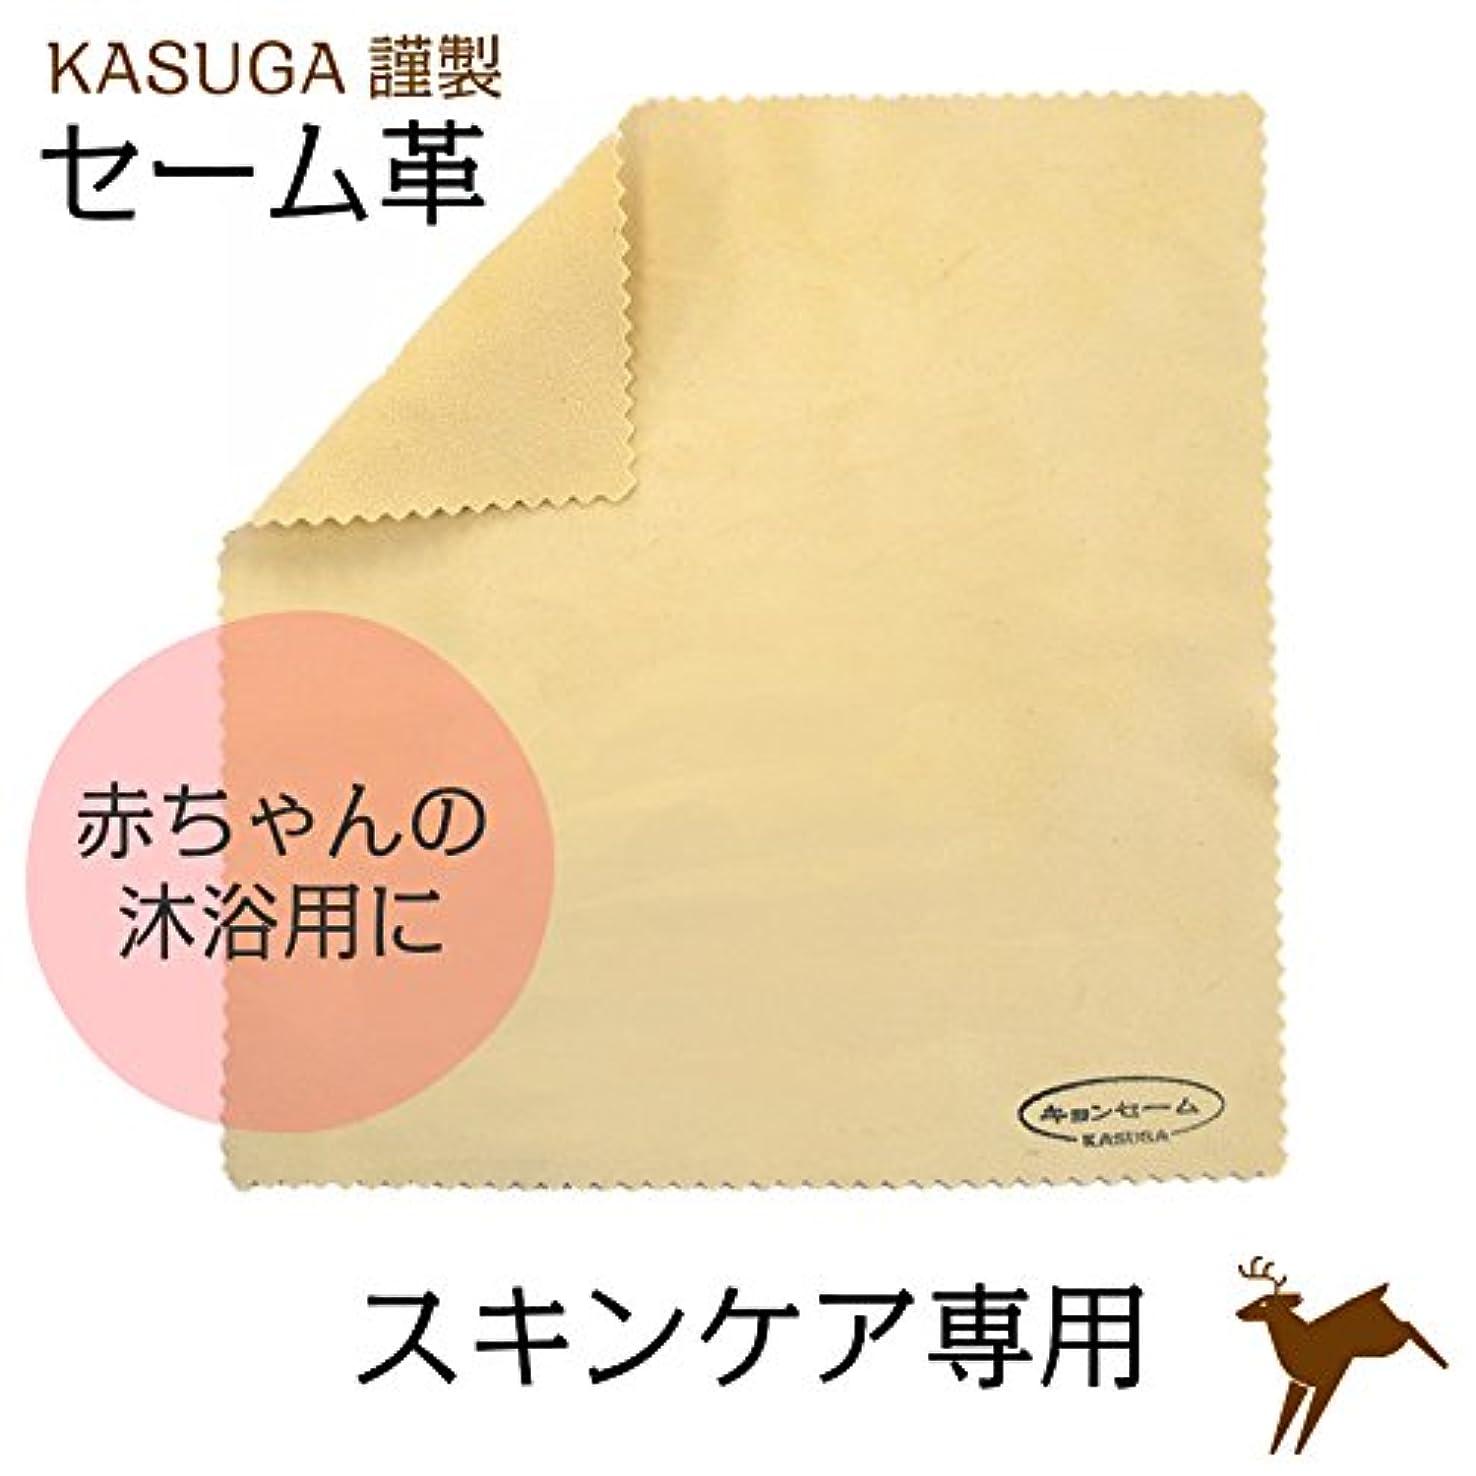 公然と消去イベント春日カスガ謹製 スキンケア専用キョンセーム革 20cm×20cm